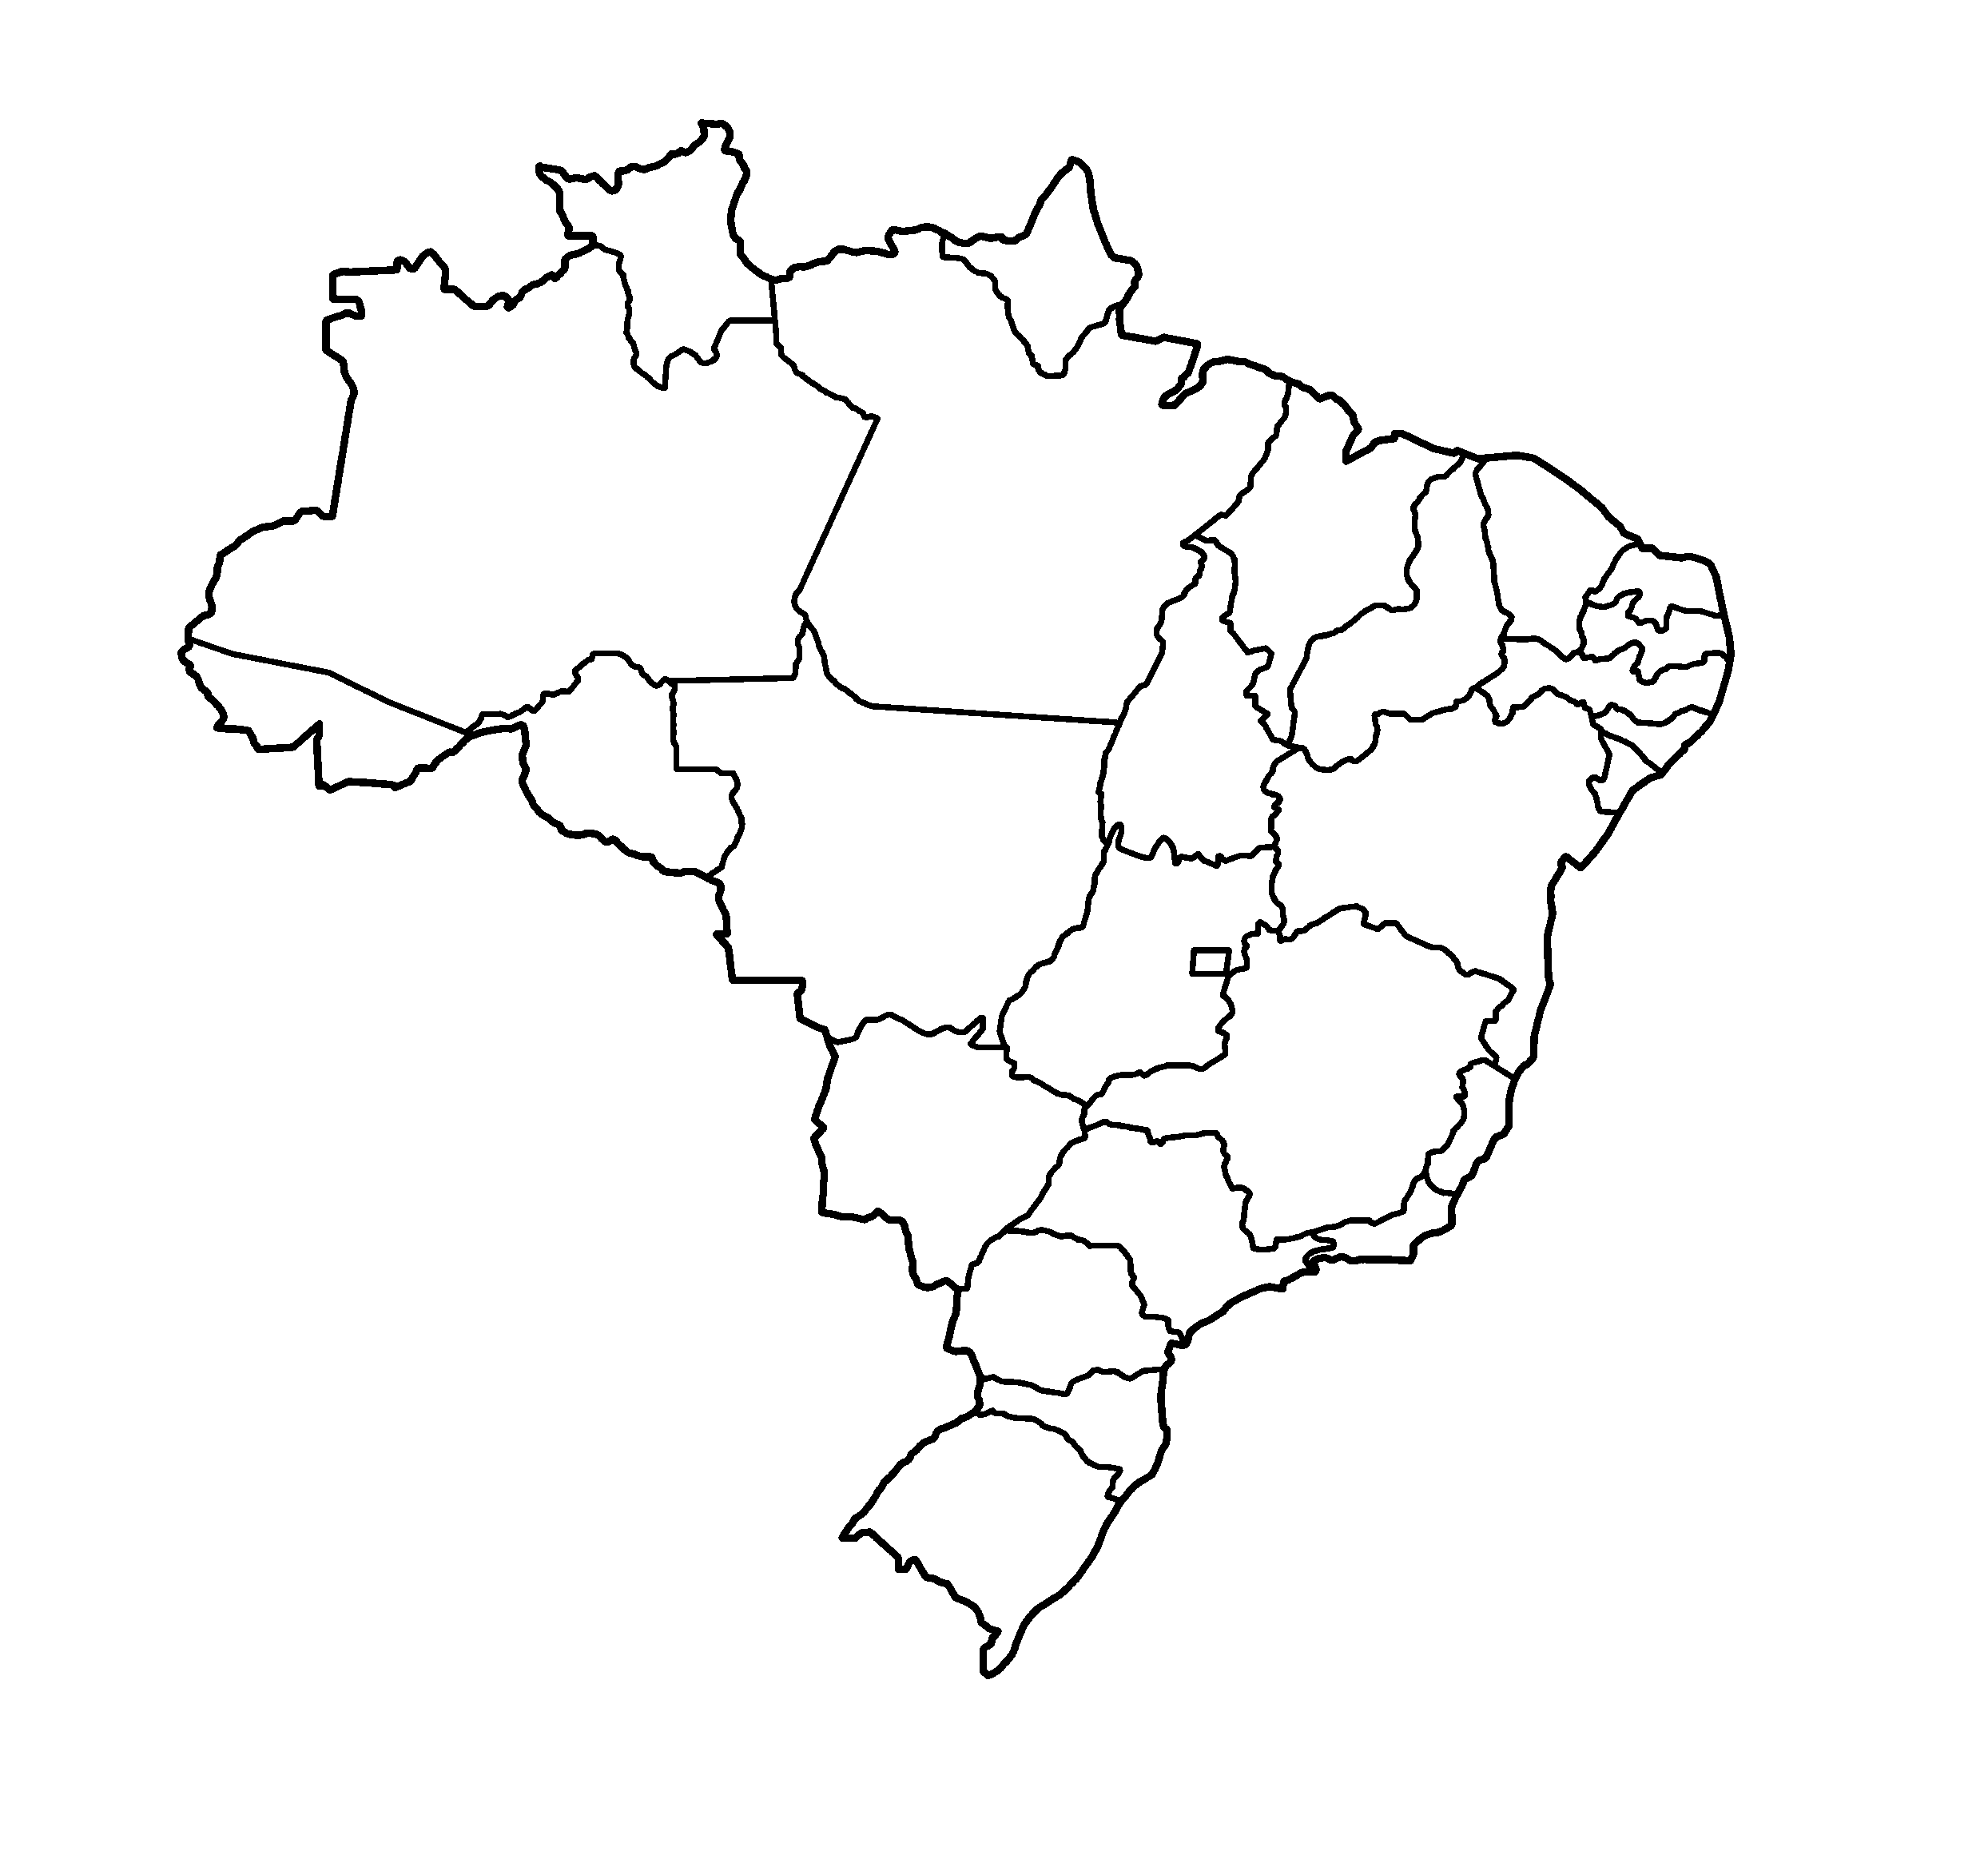 Mapas de América del Sur y Centroamérica, más de 250